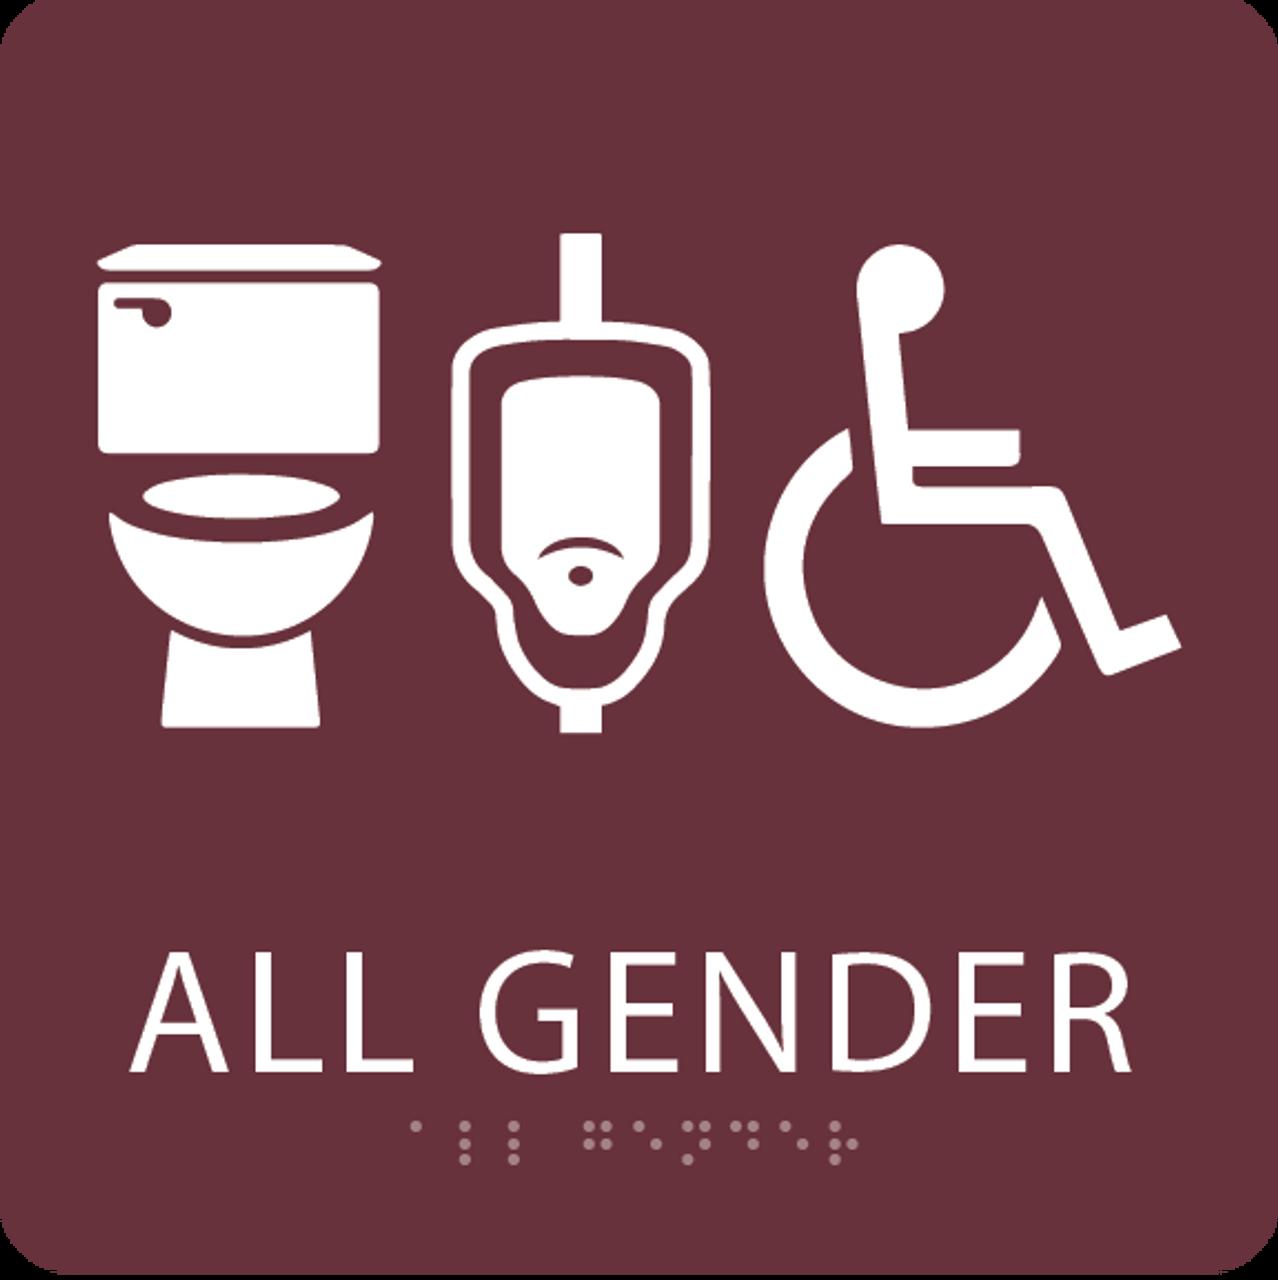 Burgundy All Gender Neutral Restroom Sign